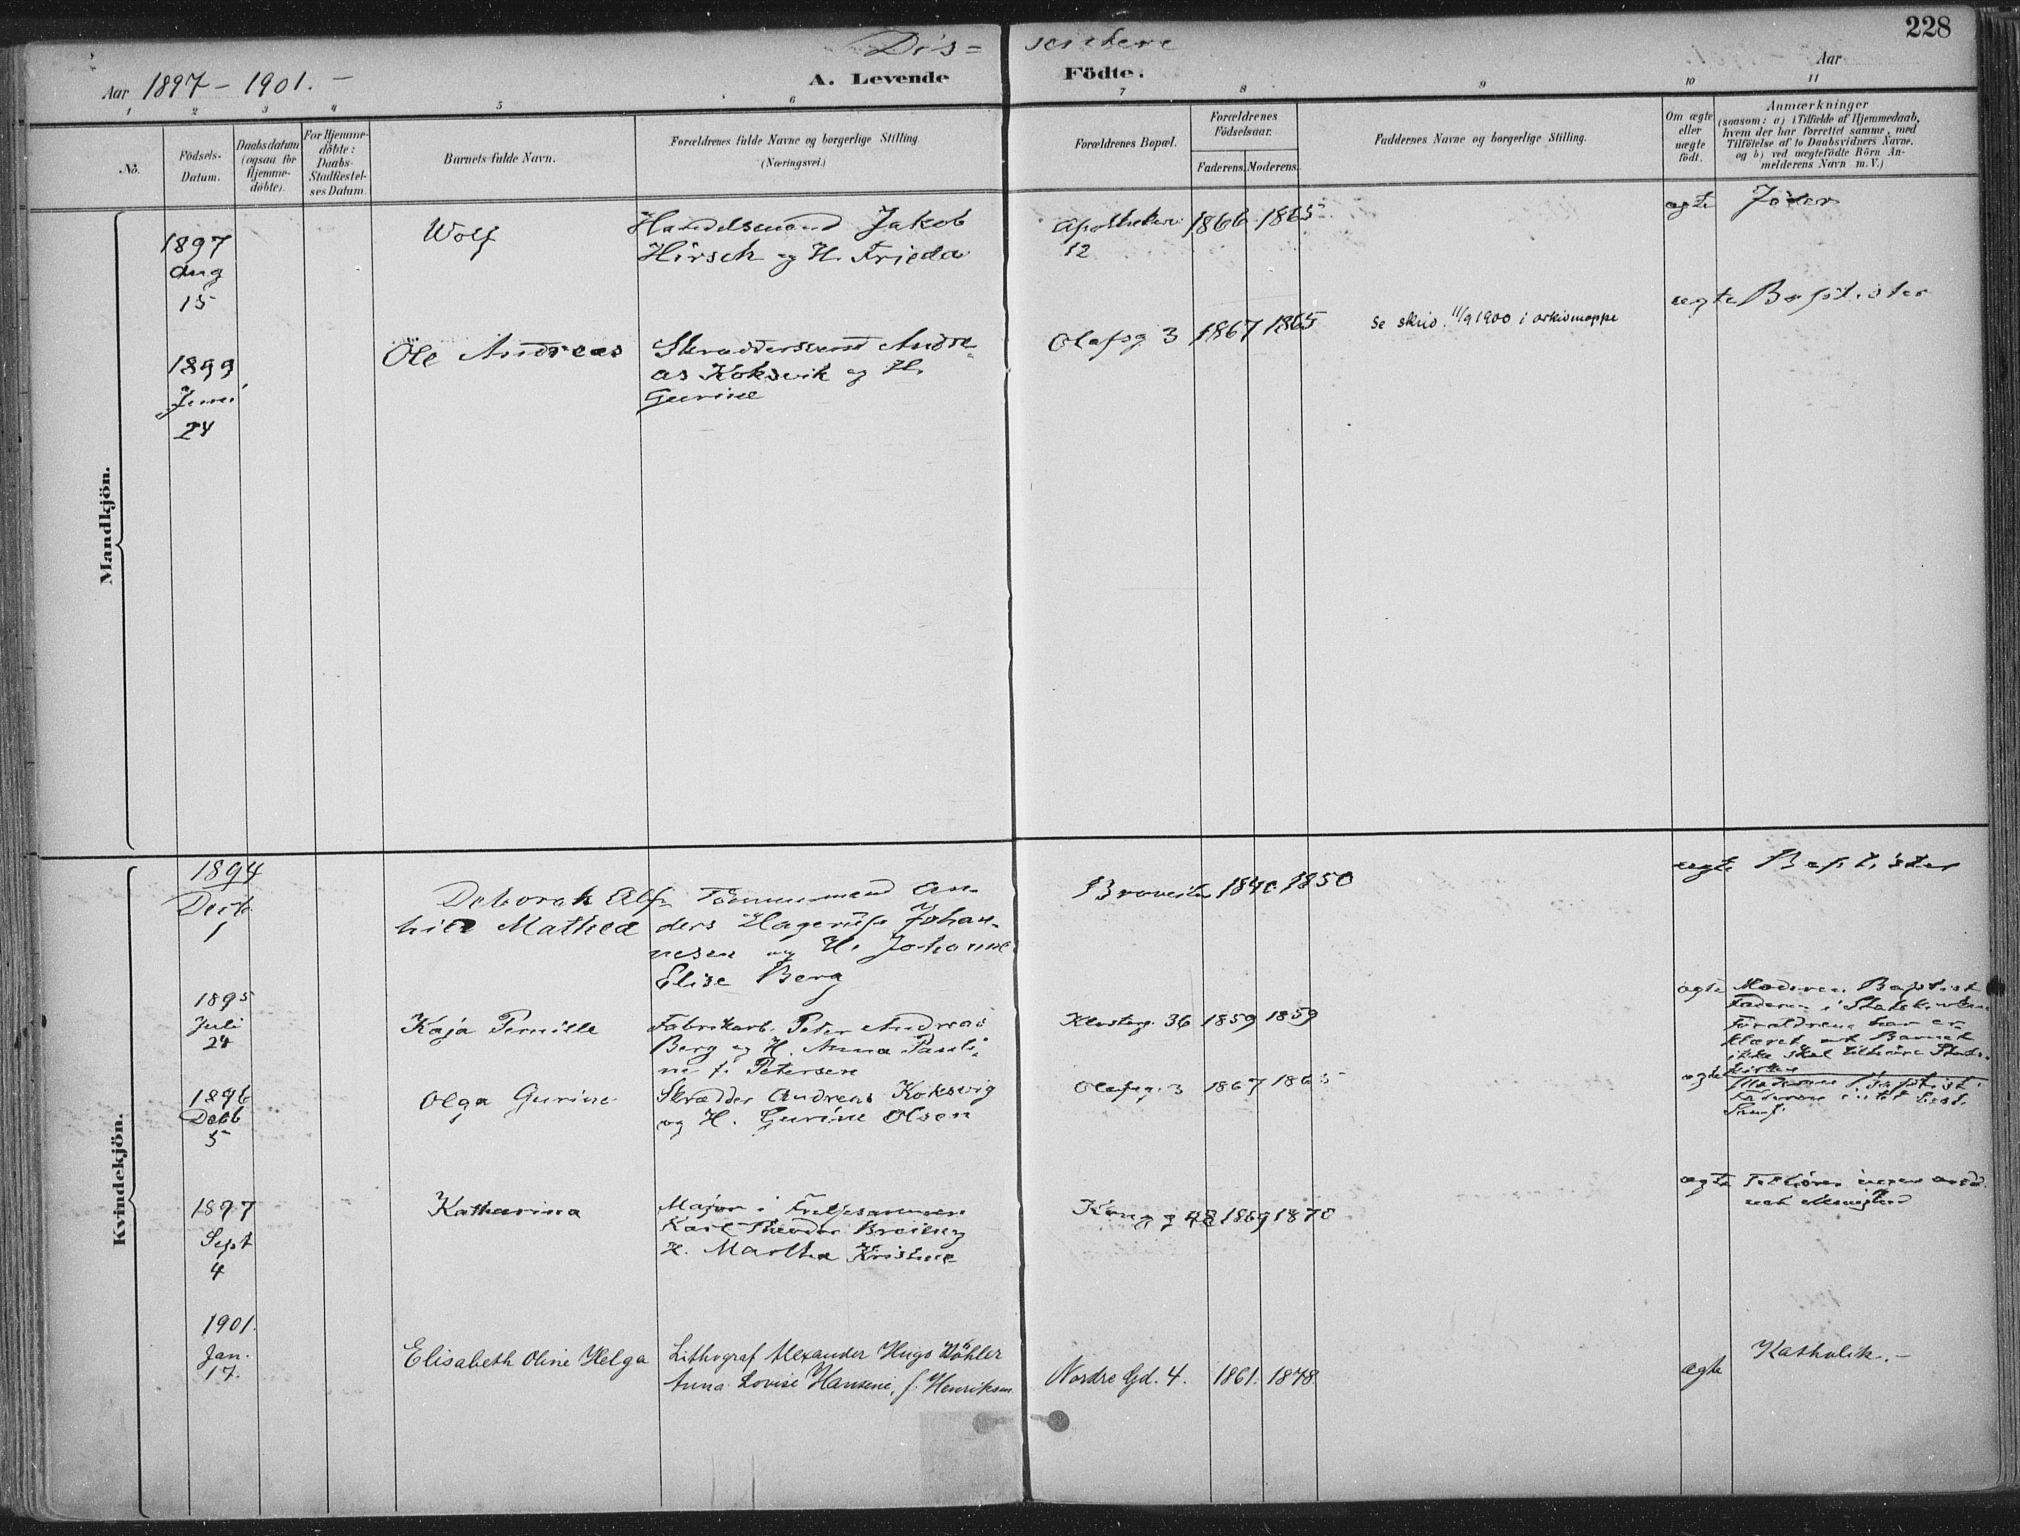 SAT, Ministerialprotokoller, klokkerbøker og fødselsregistre - Sør-Trøndelag, 601/L0062: Ministerialbok nr. 601A30, 1891-1911, s. 228